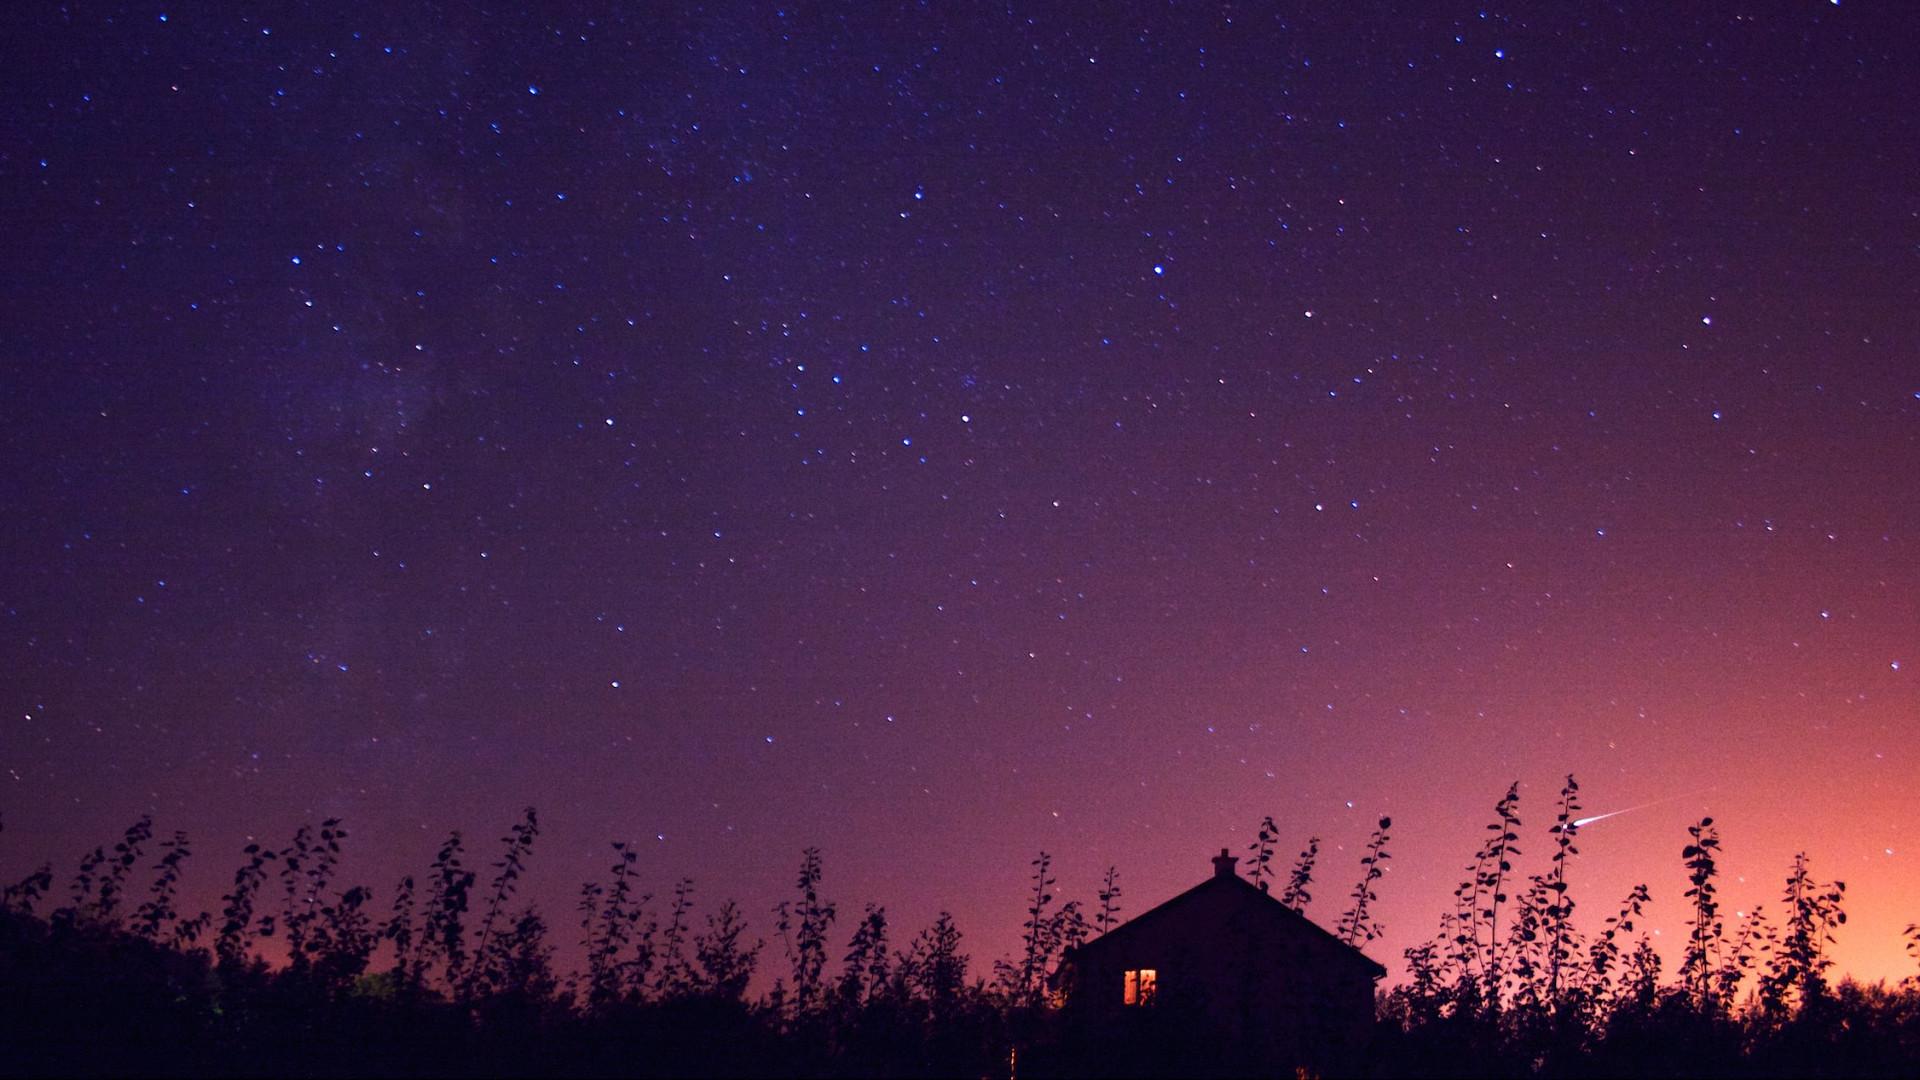 Planètes, lumière zodiacale, étoiles filantes: que voir dans le ciel en avril 2021?